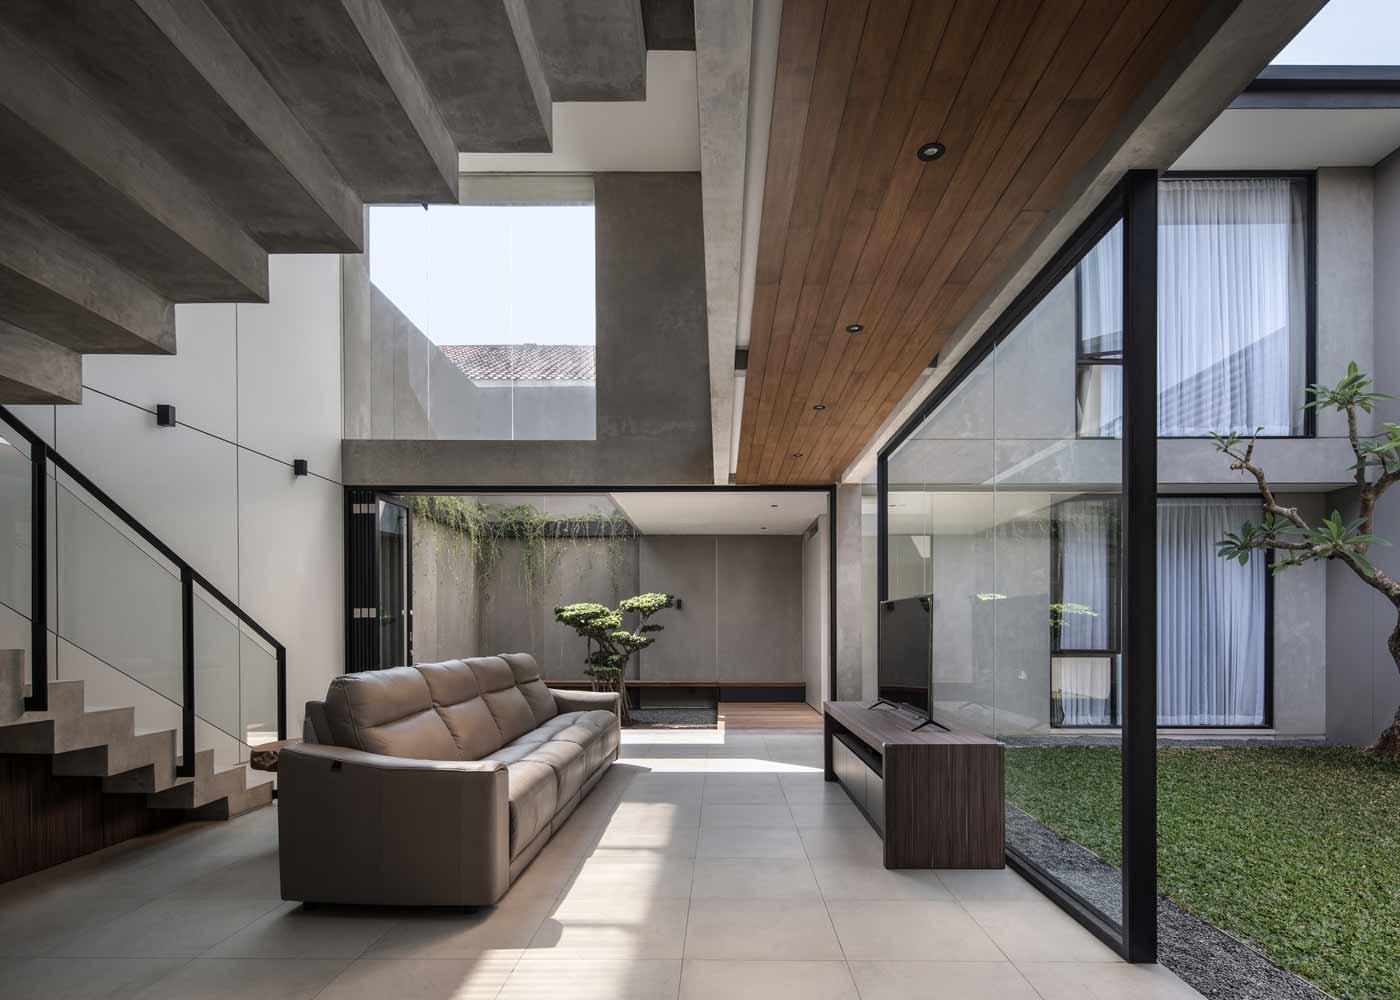 Ruang tv menghadap taman courtyard di depannya, karya RuangRona, viaarchdaily.com